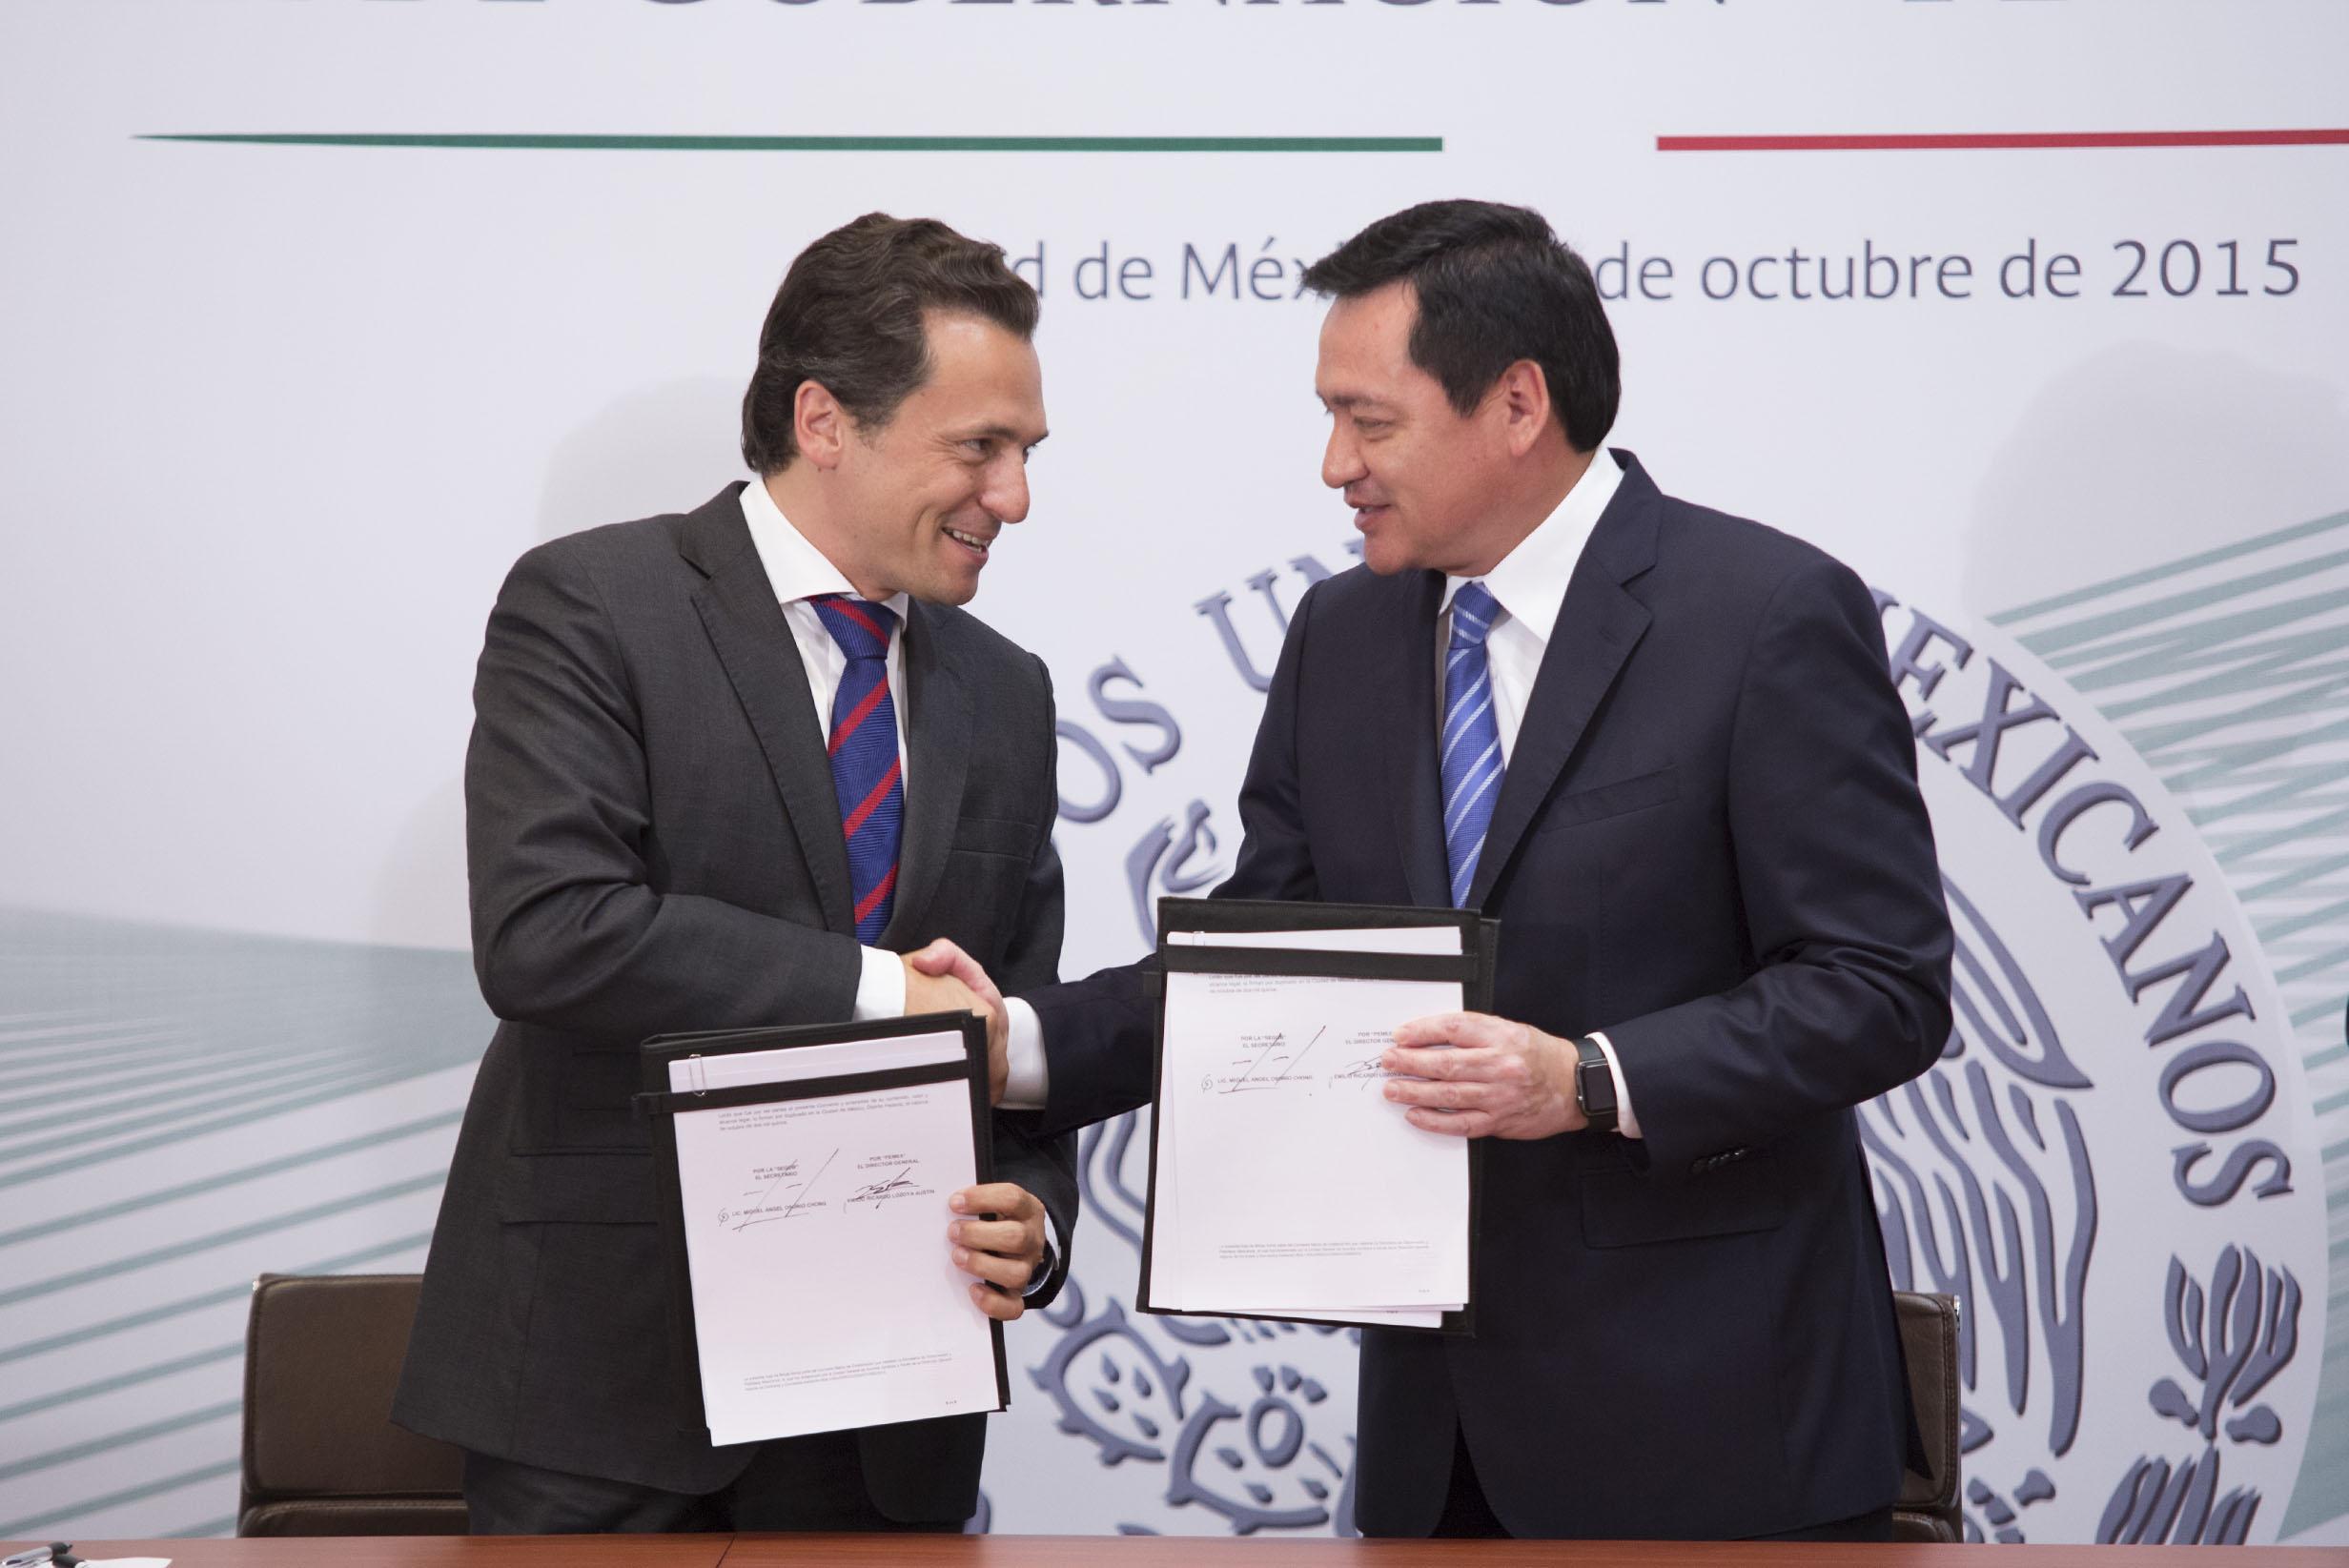 El Director General de Petróleos Mexicanos, Emilio Lozoya Austin y el Secretario de Gobernación Miguel Ángel Osorio Chong en la firma de Convenio de Colaboración en materia de Prevención Social